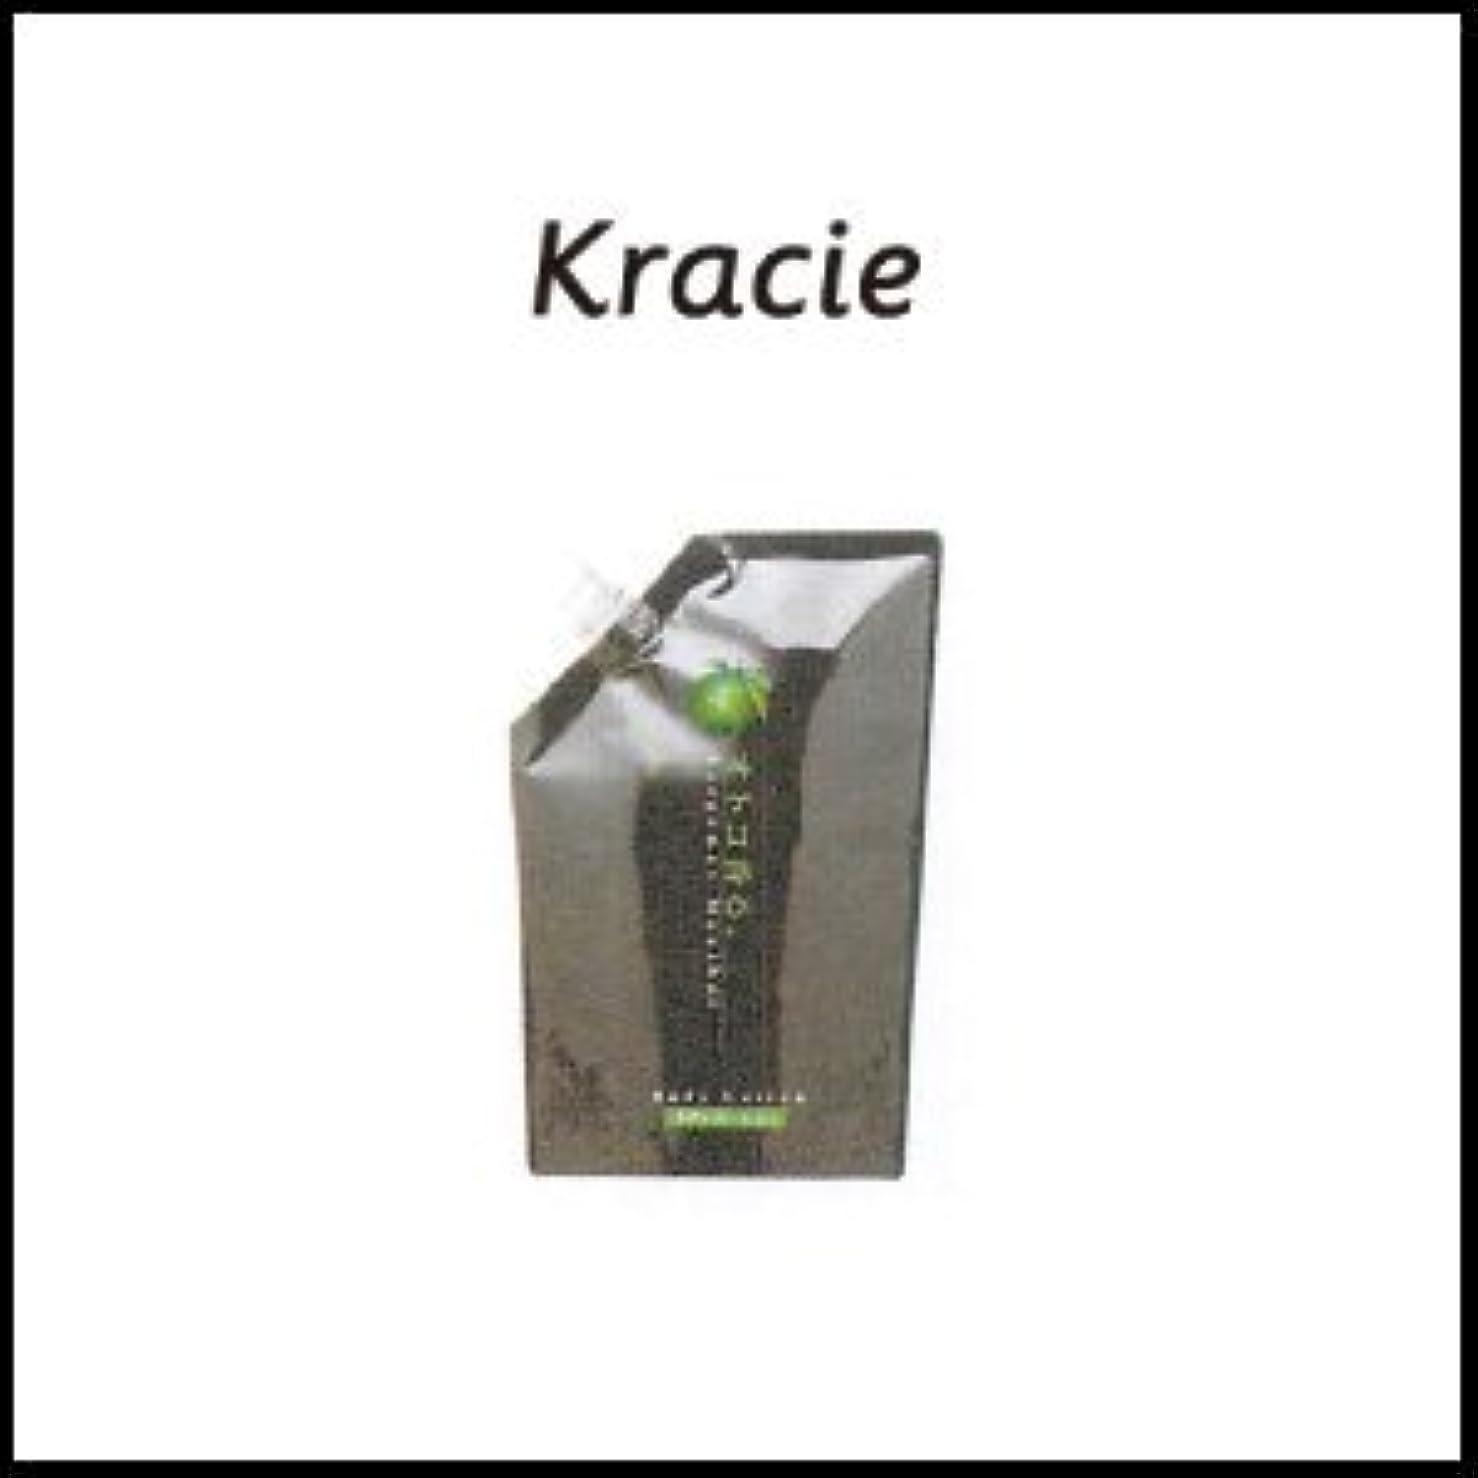 復活施し意図するクラシエ オトコ香る ボディローション(ベルガモット) 500ml 詰替え用(レフィル)